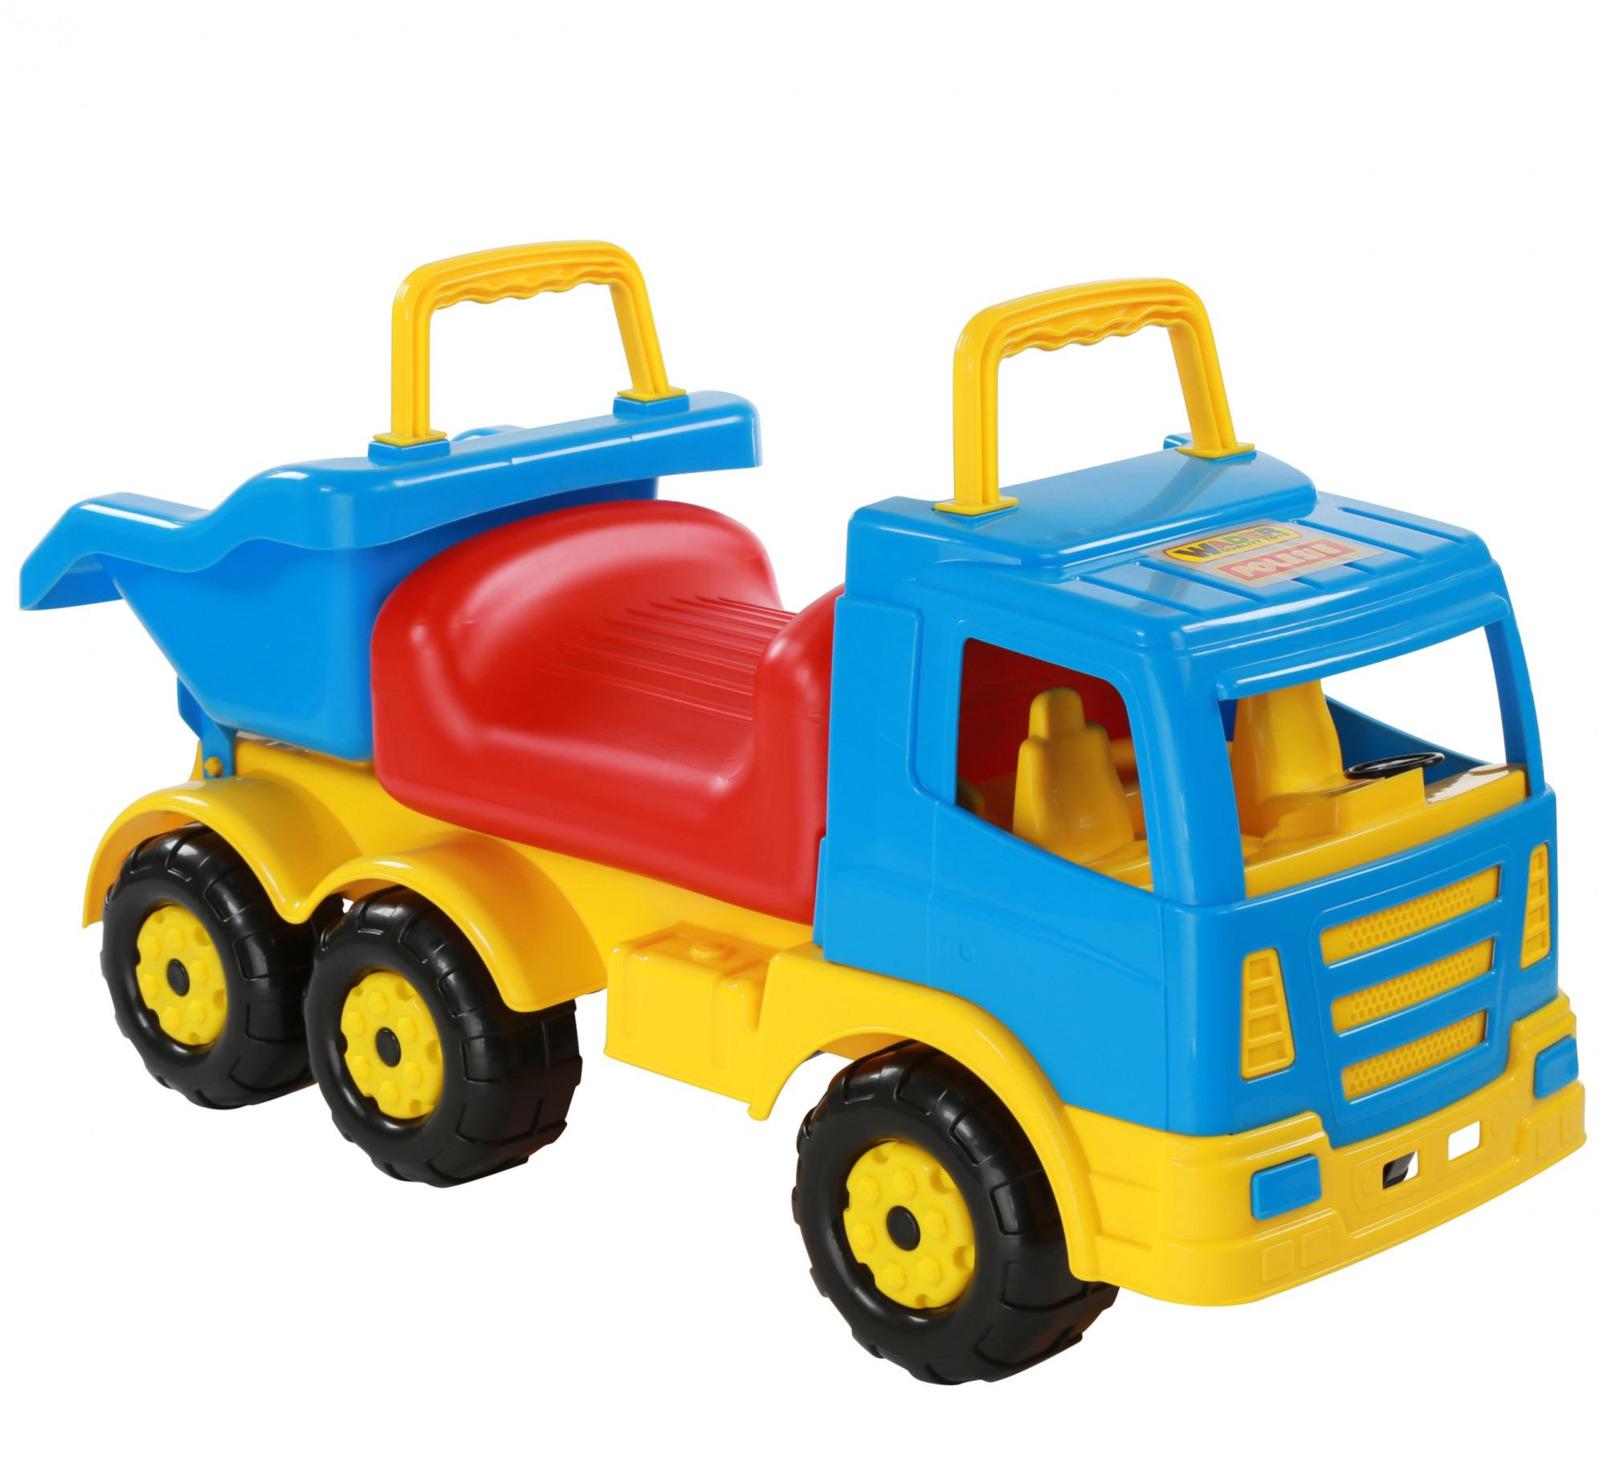 Автомобиль-каталка Полесье Премиум-2. 67142, цвет в ассортименте автомобиль каталка полесье премиум 2 67142 цвет в ассортименте